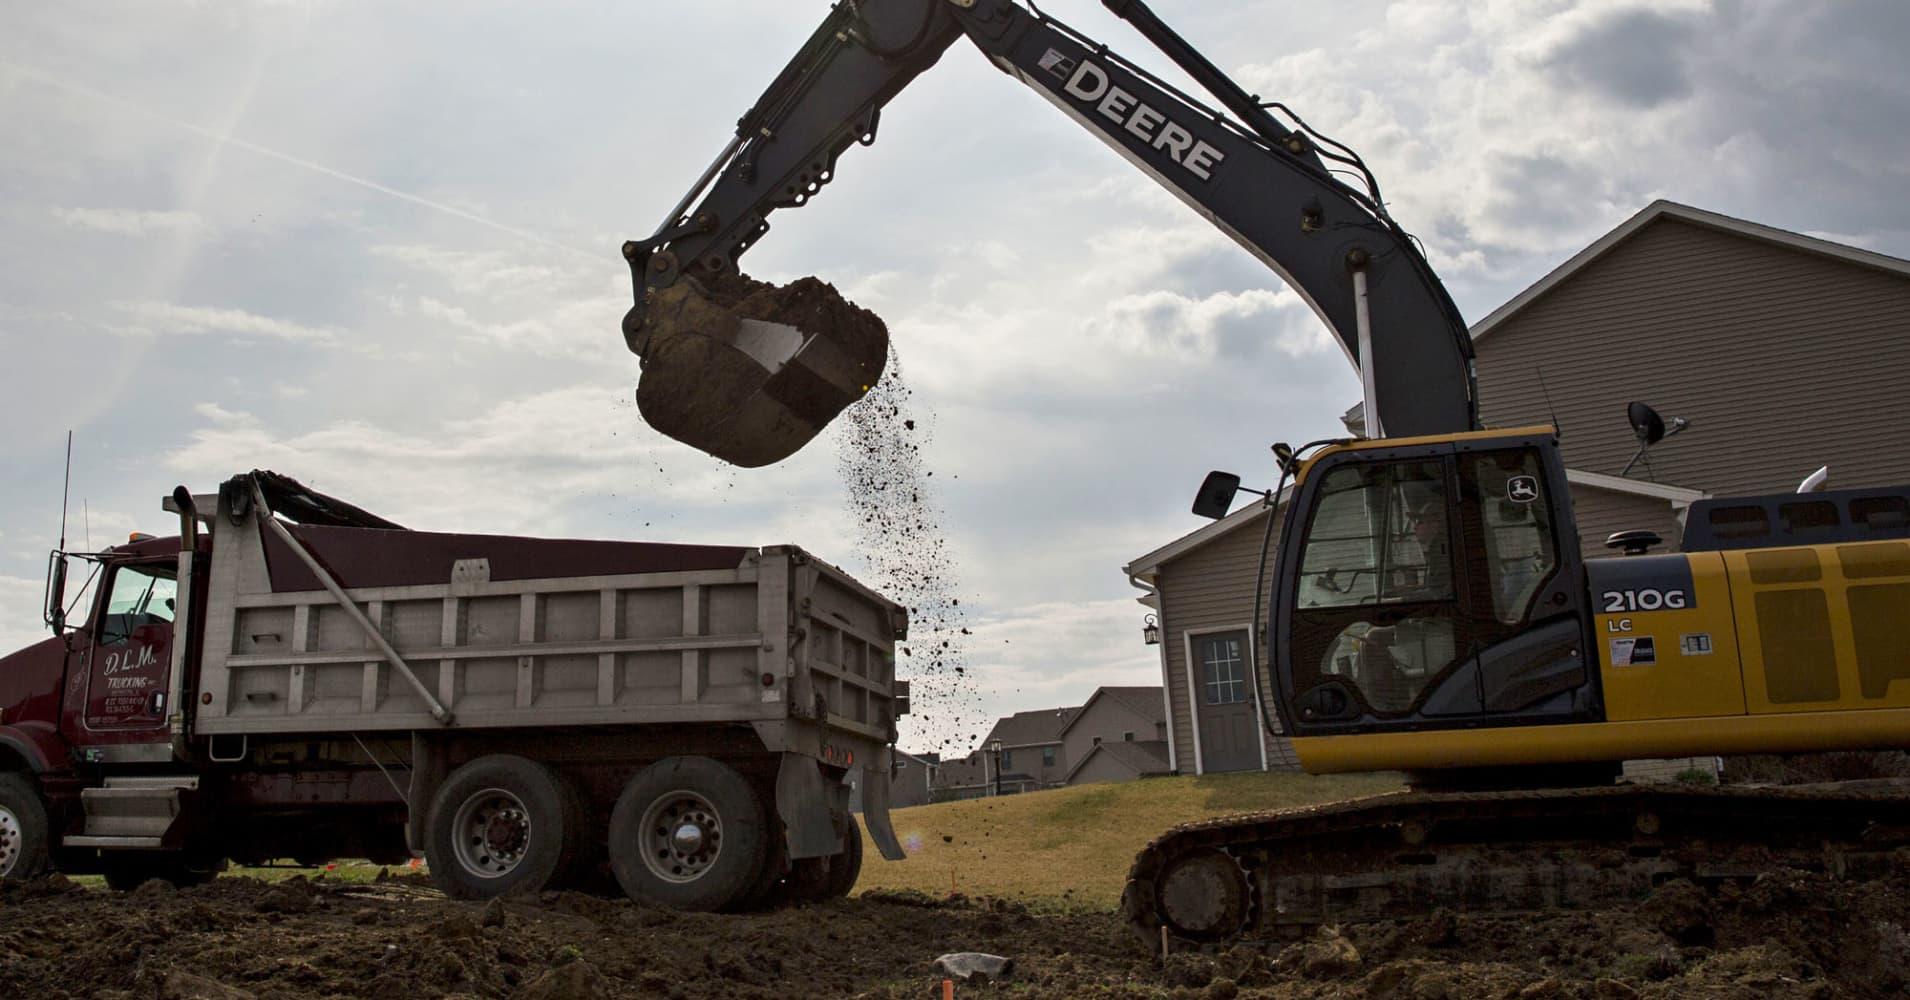 Deere profit beats on better demand for farm equipment, shares jump